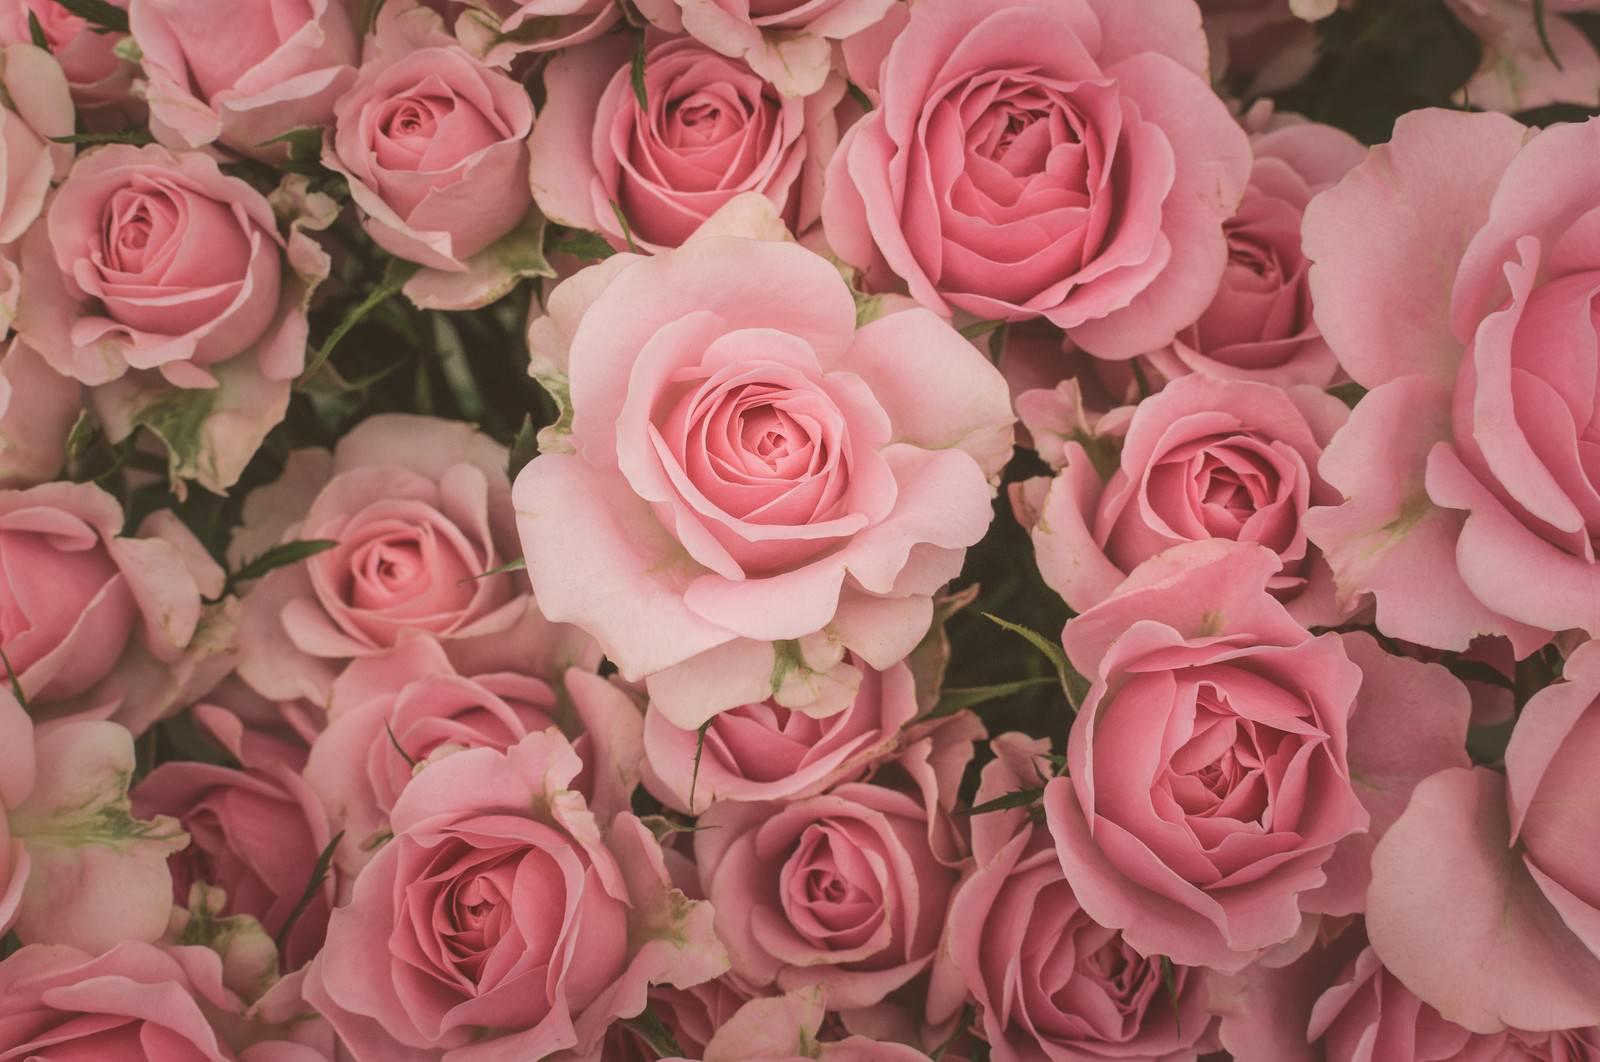 「薄ピンク色の薔薇のテクスチャー」の写真